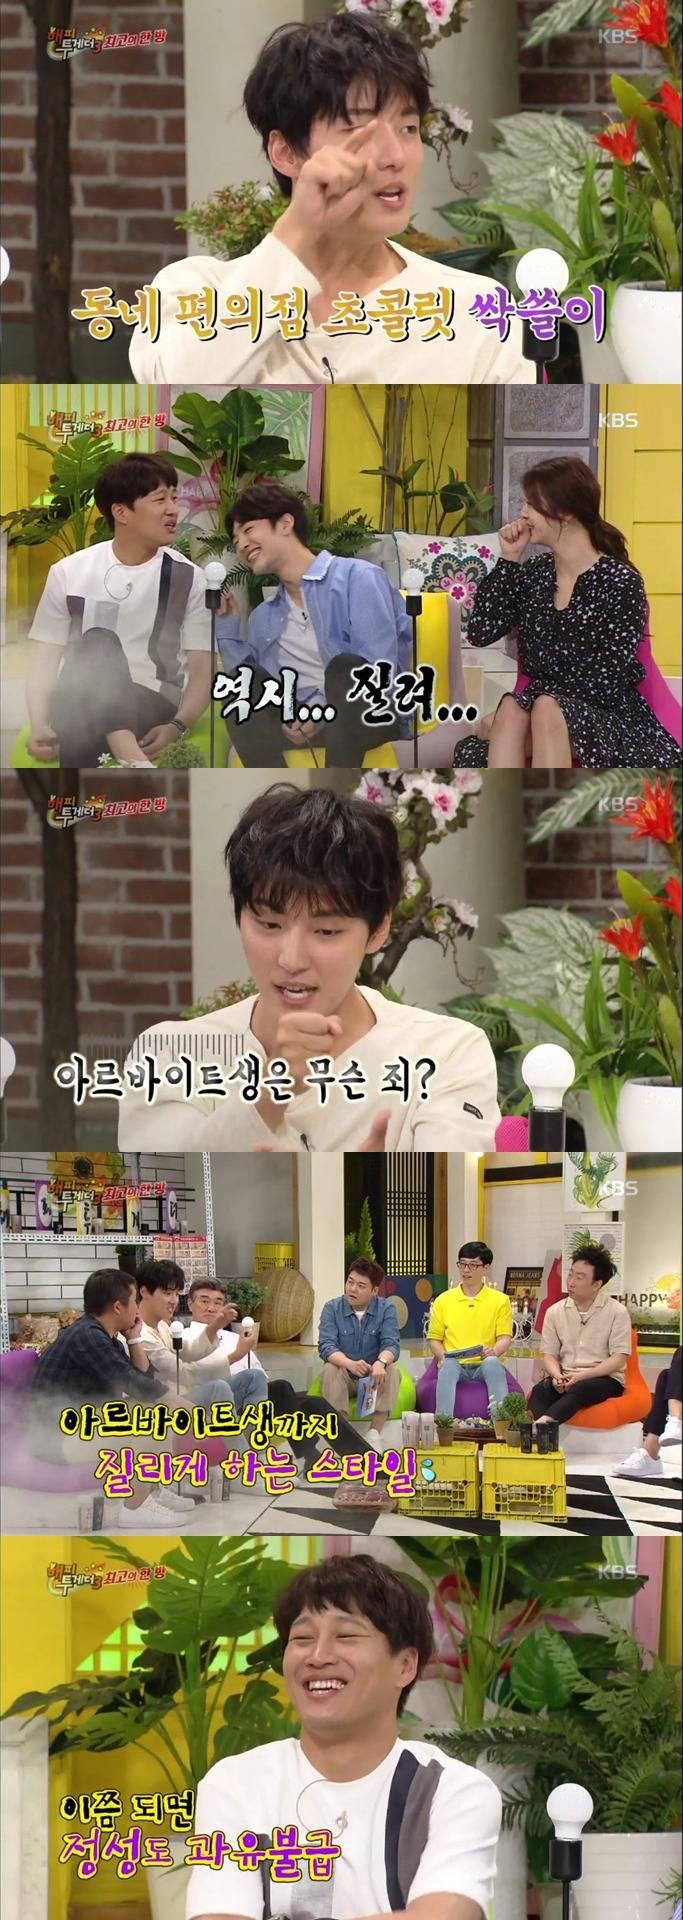 [해피투게더] 윤시윤이 여자친구한테 차인 이유.jpg | 인스티즈